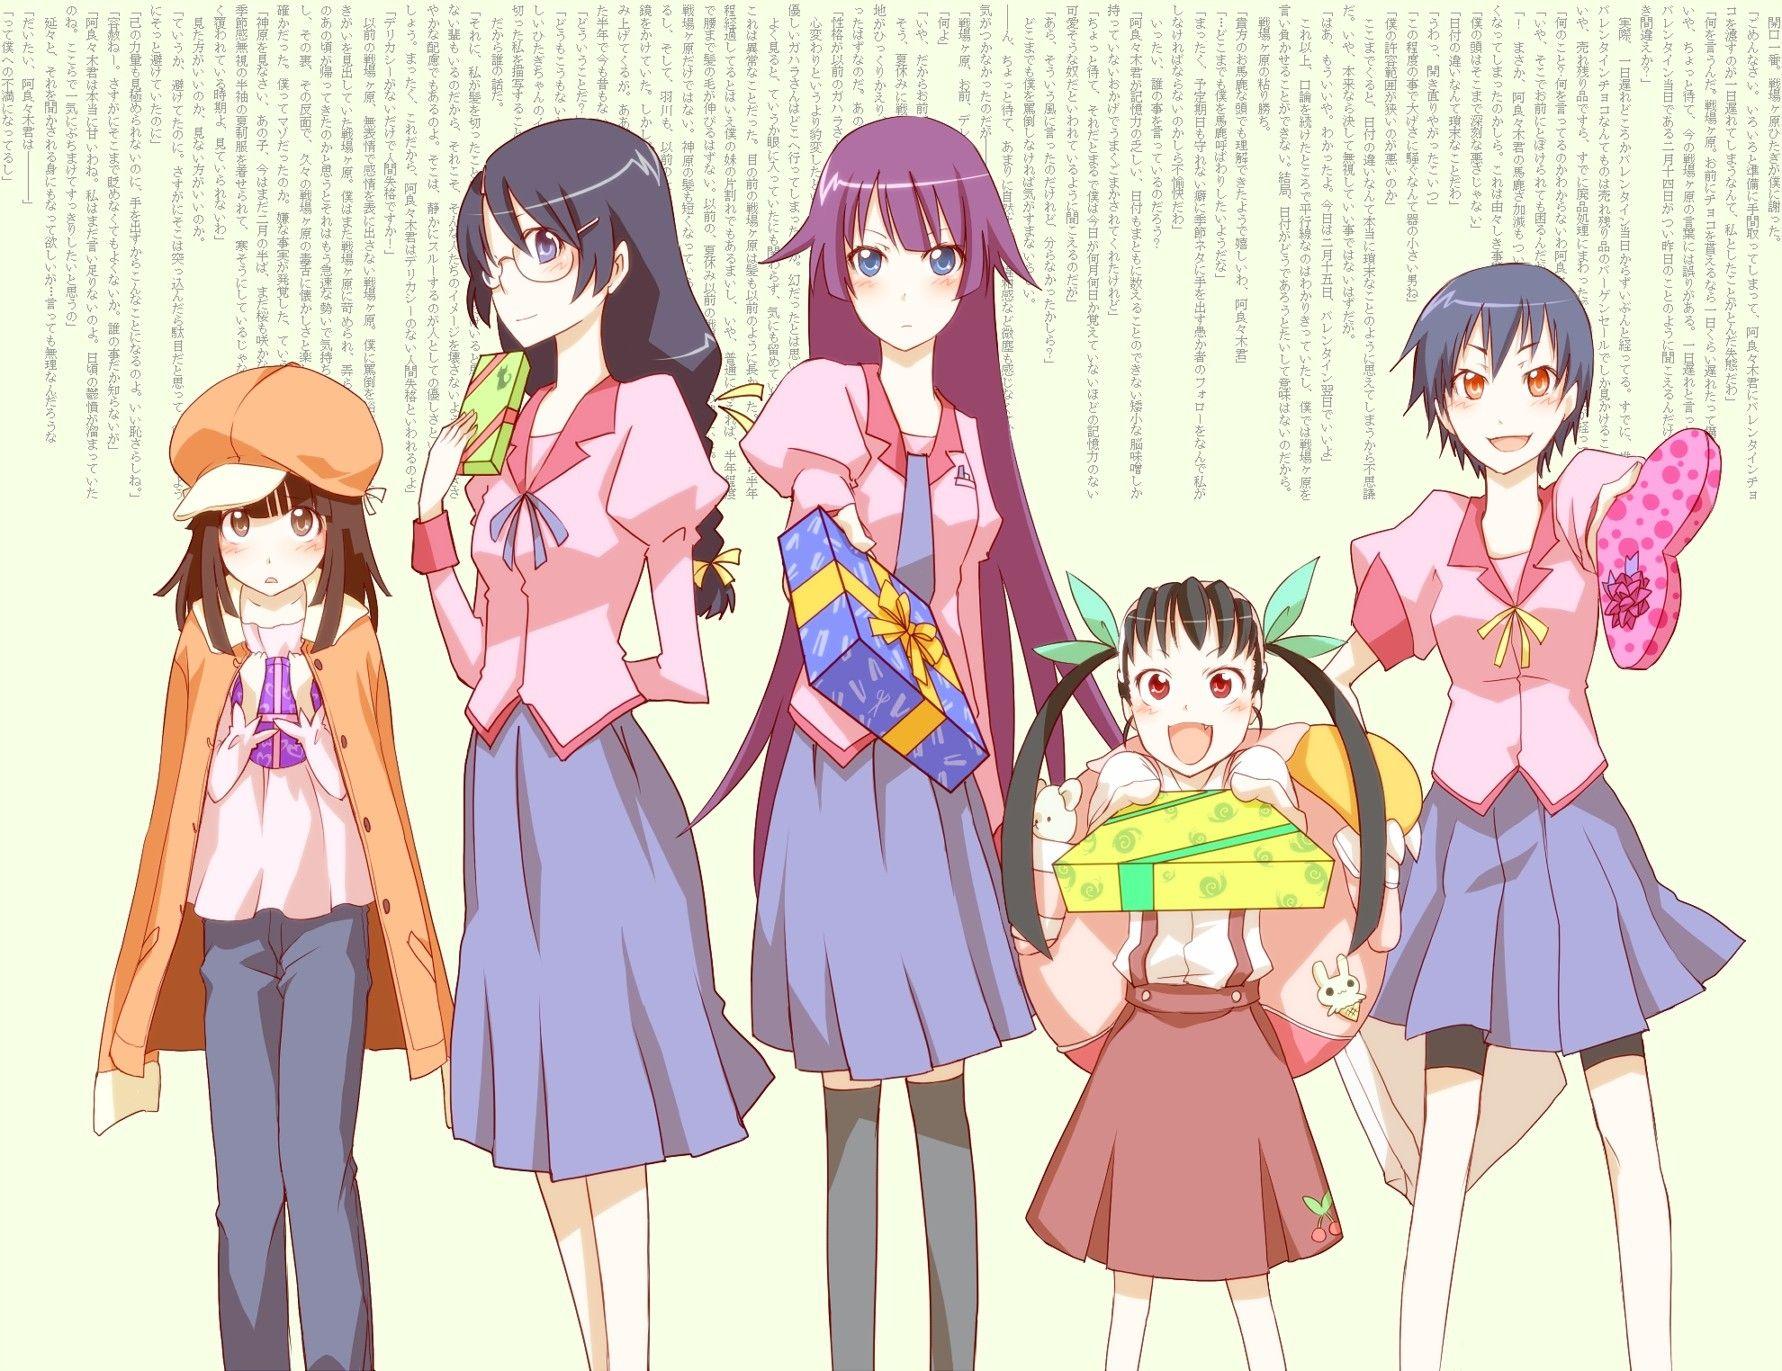 Bakemonogatari Hachikuji Mayoi Hanekawa Tsubasa Kanbaru Suruga Sengoku Nadeko Hanekawa Tsubasa Beautiful Pictures Anime